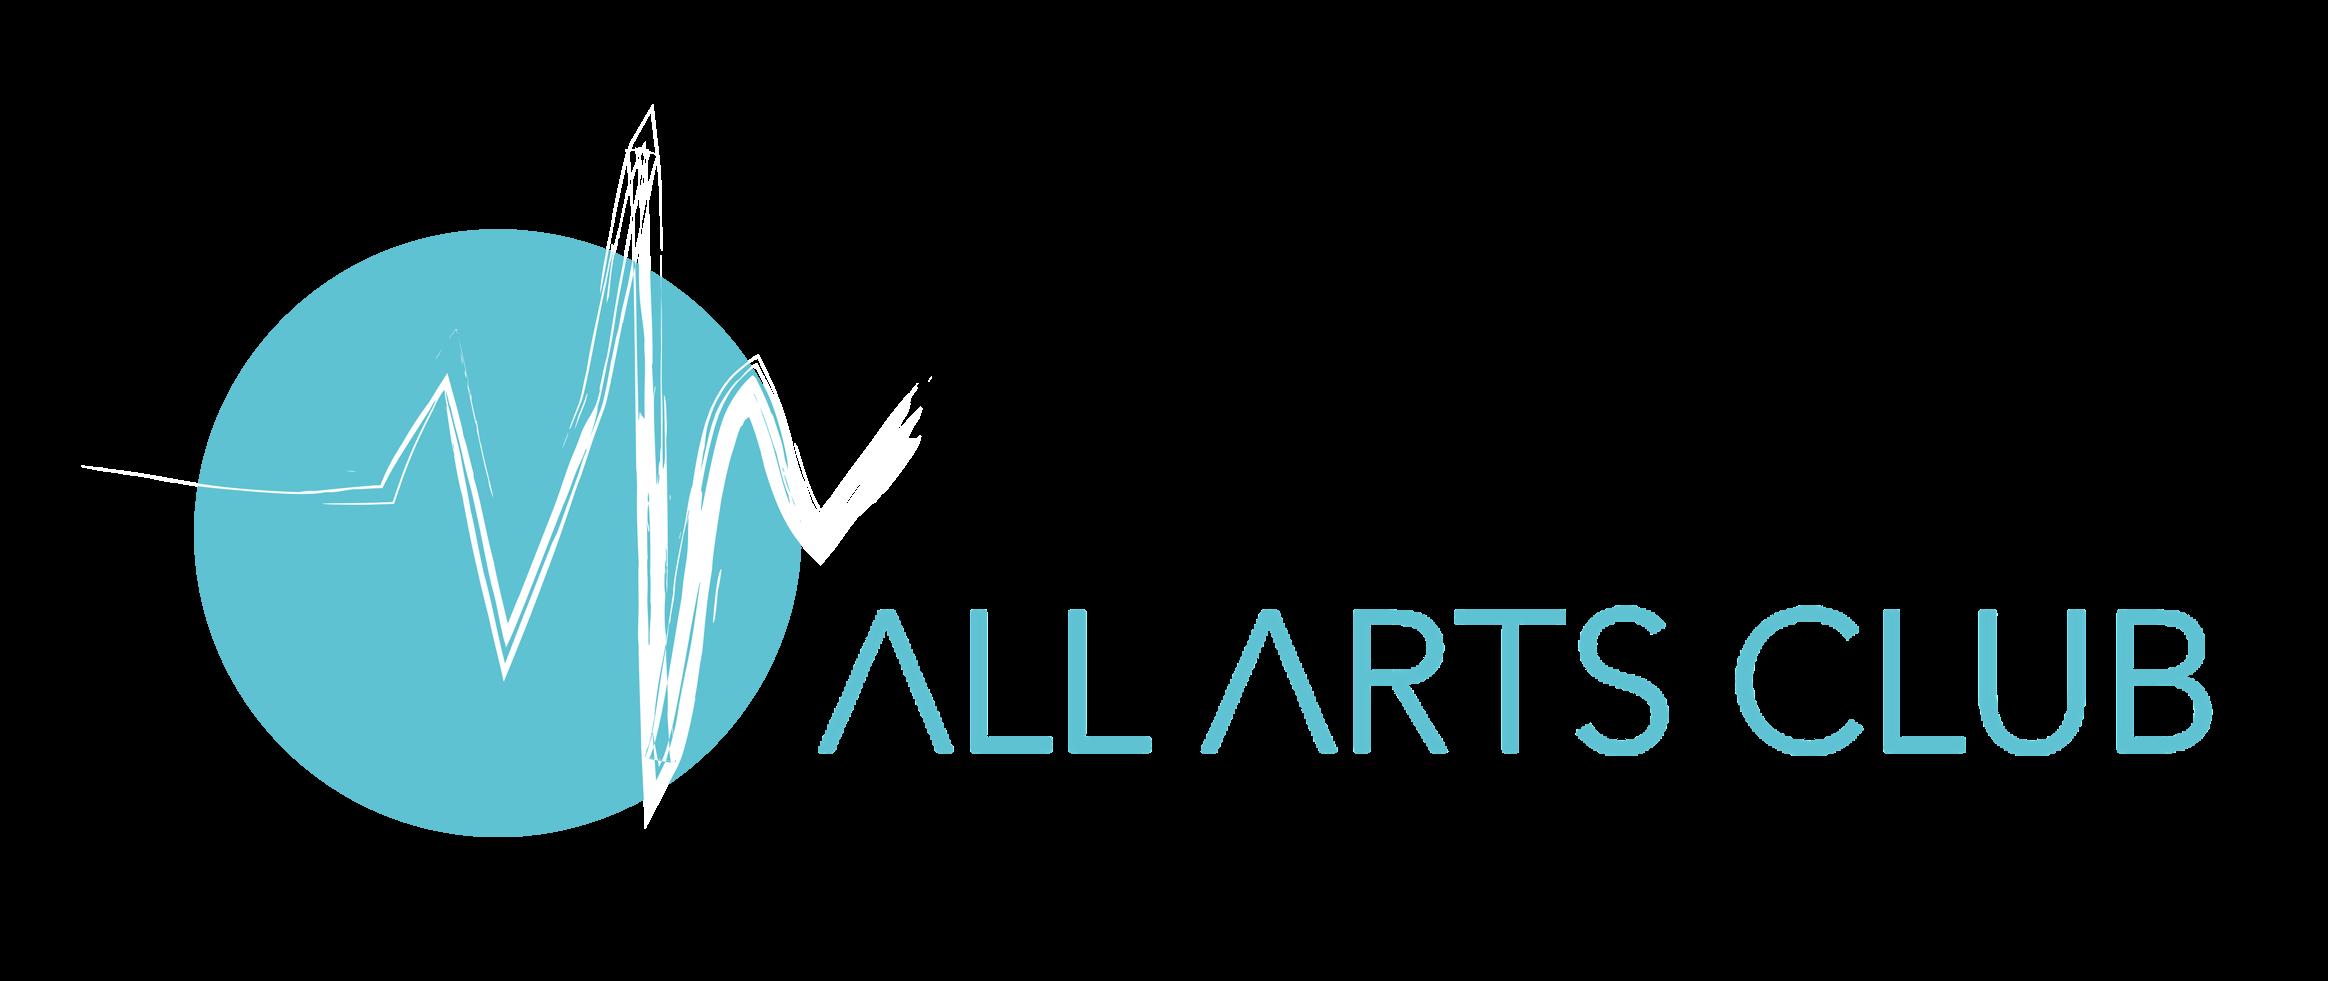 All Arts Club